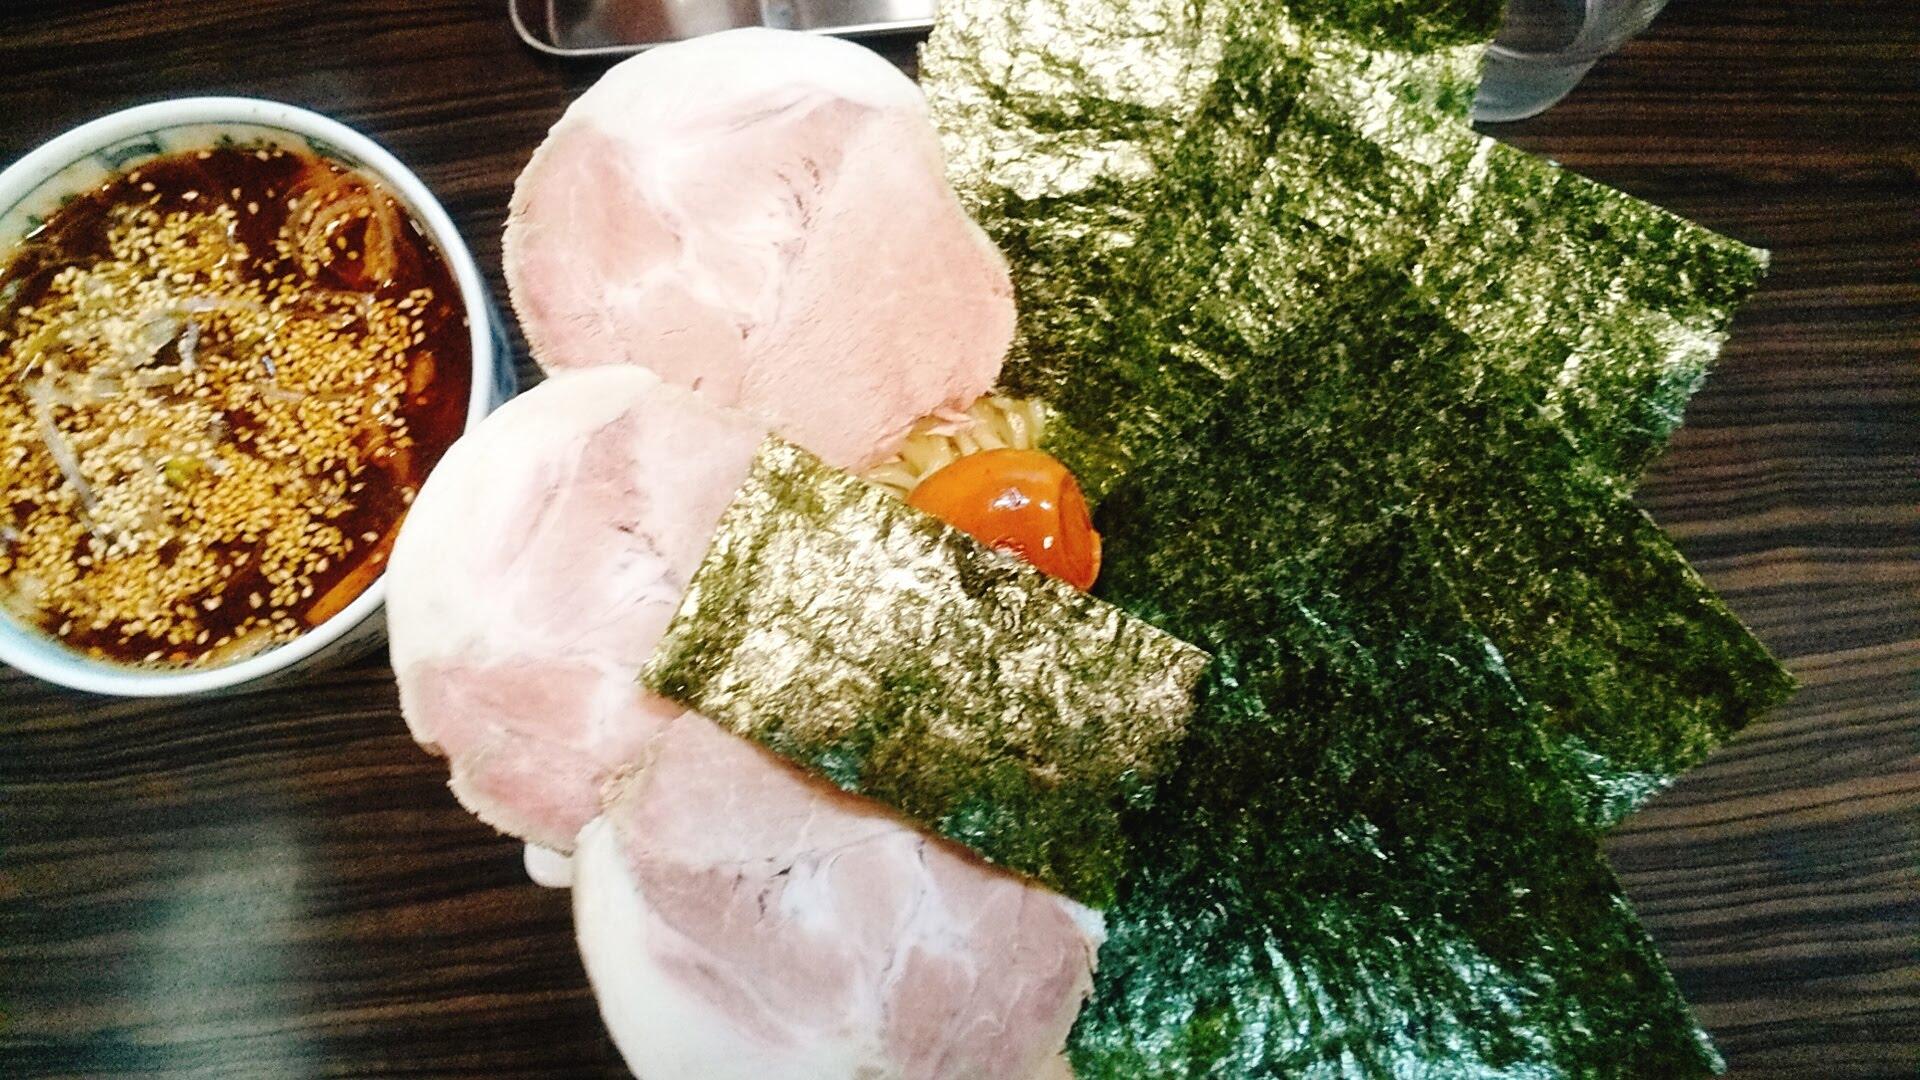 盛のスペシャルつけ麺の麺皿の写真